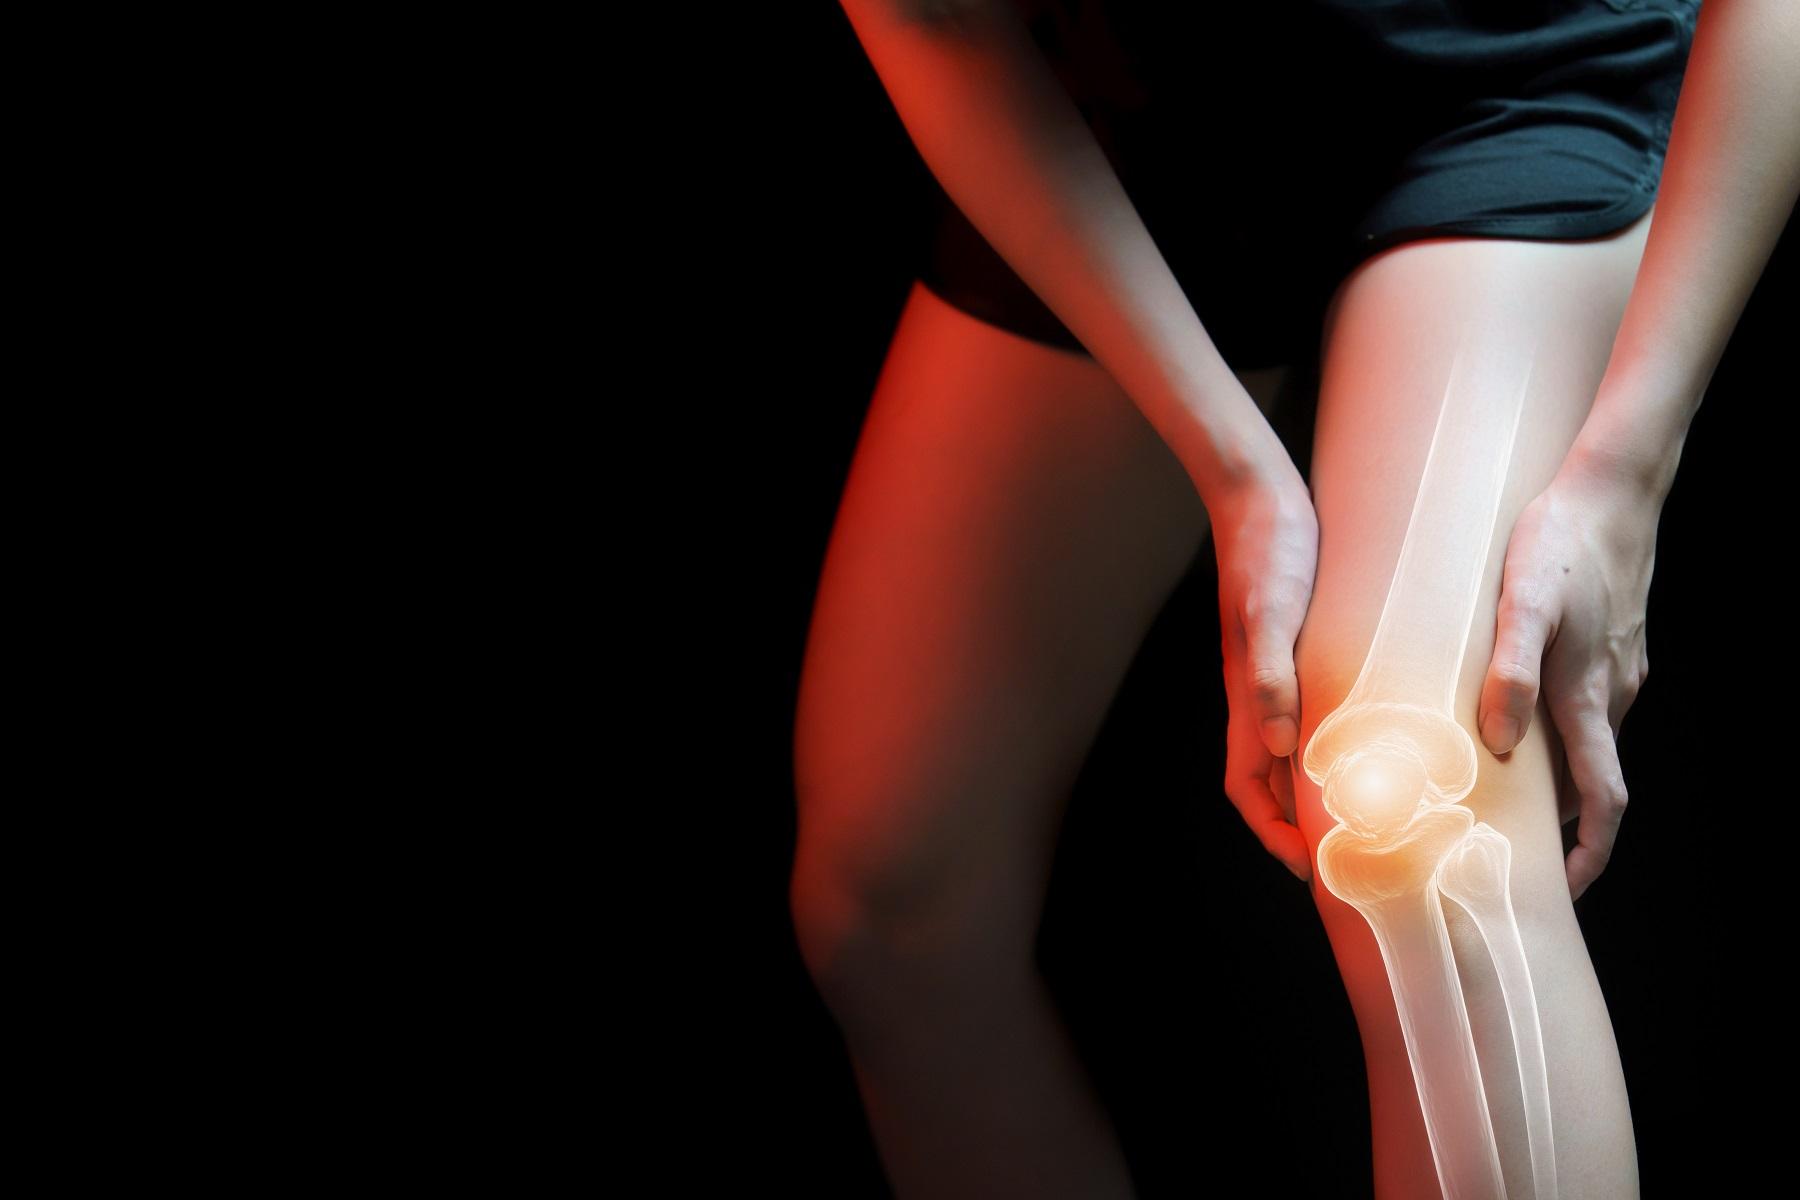 élelmiszerzselatin kezelés artrózis esetén ízületi plazmolifting vélemények